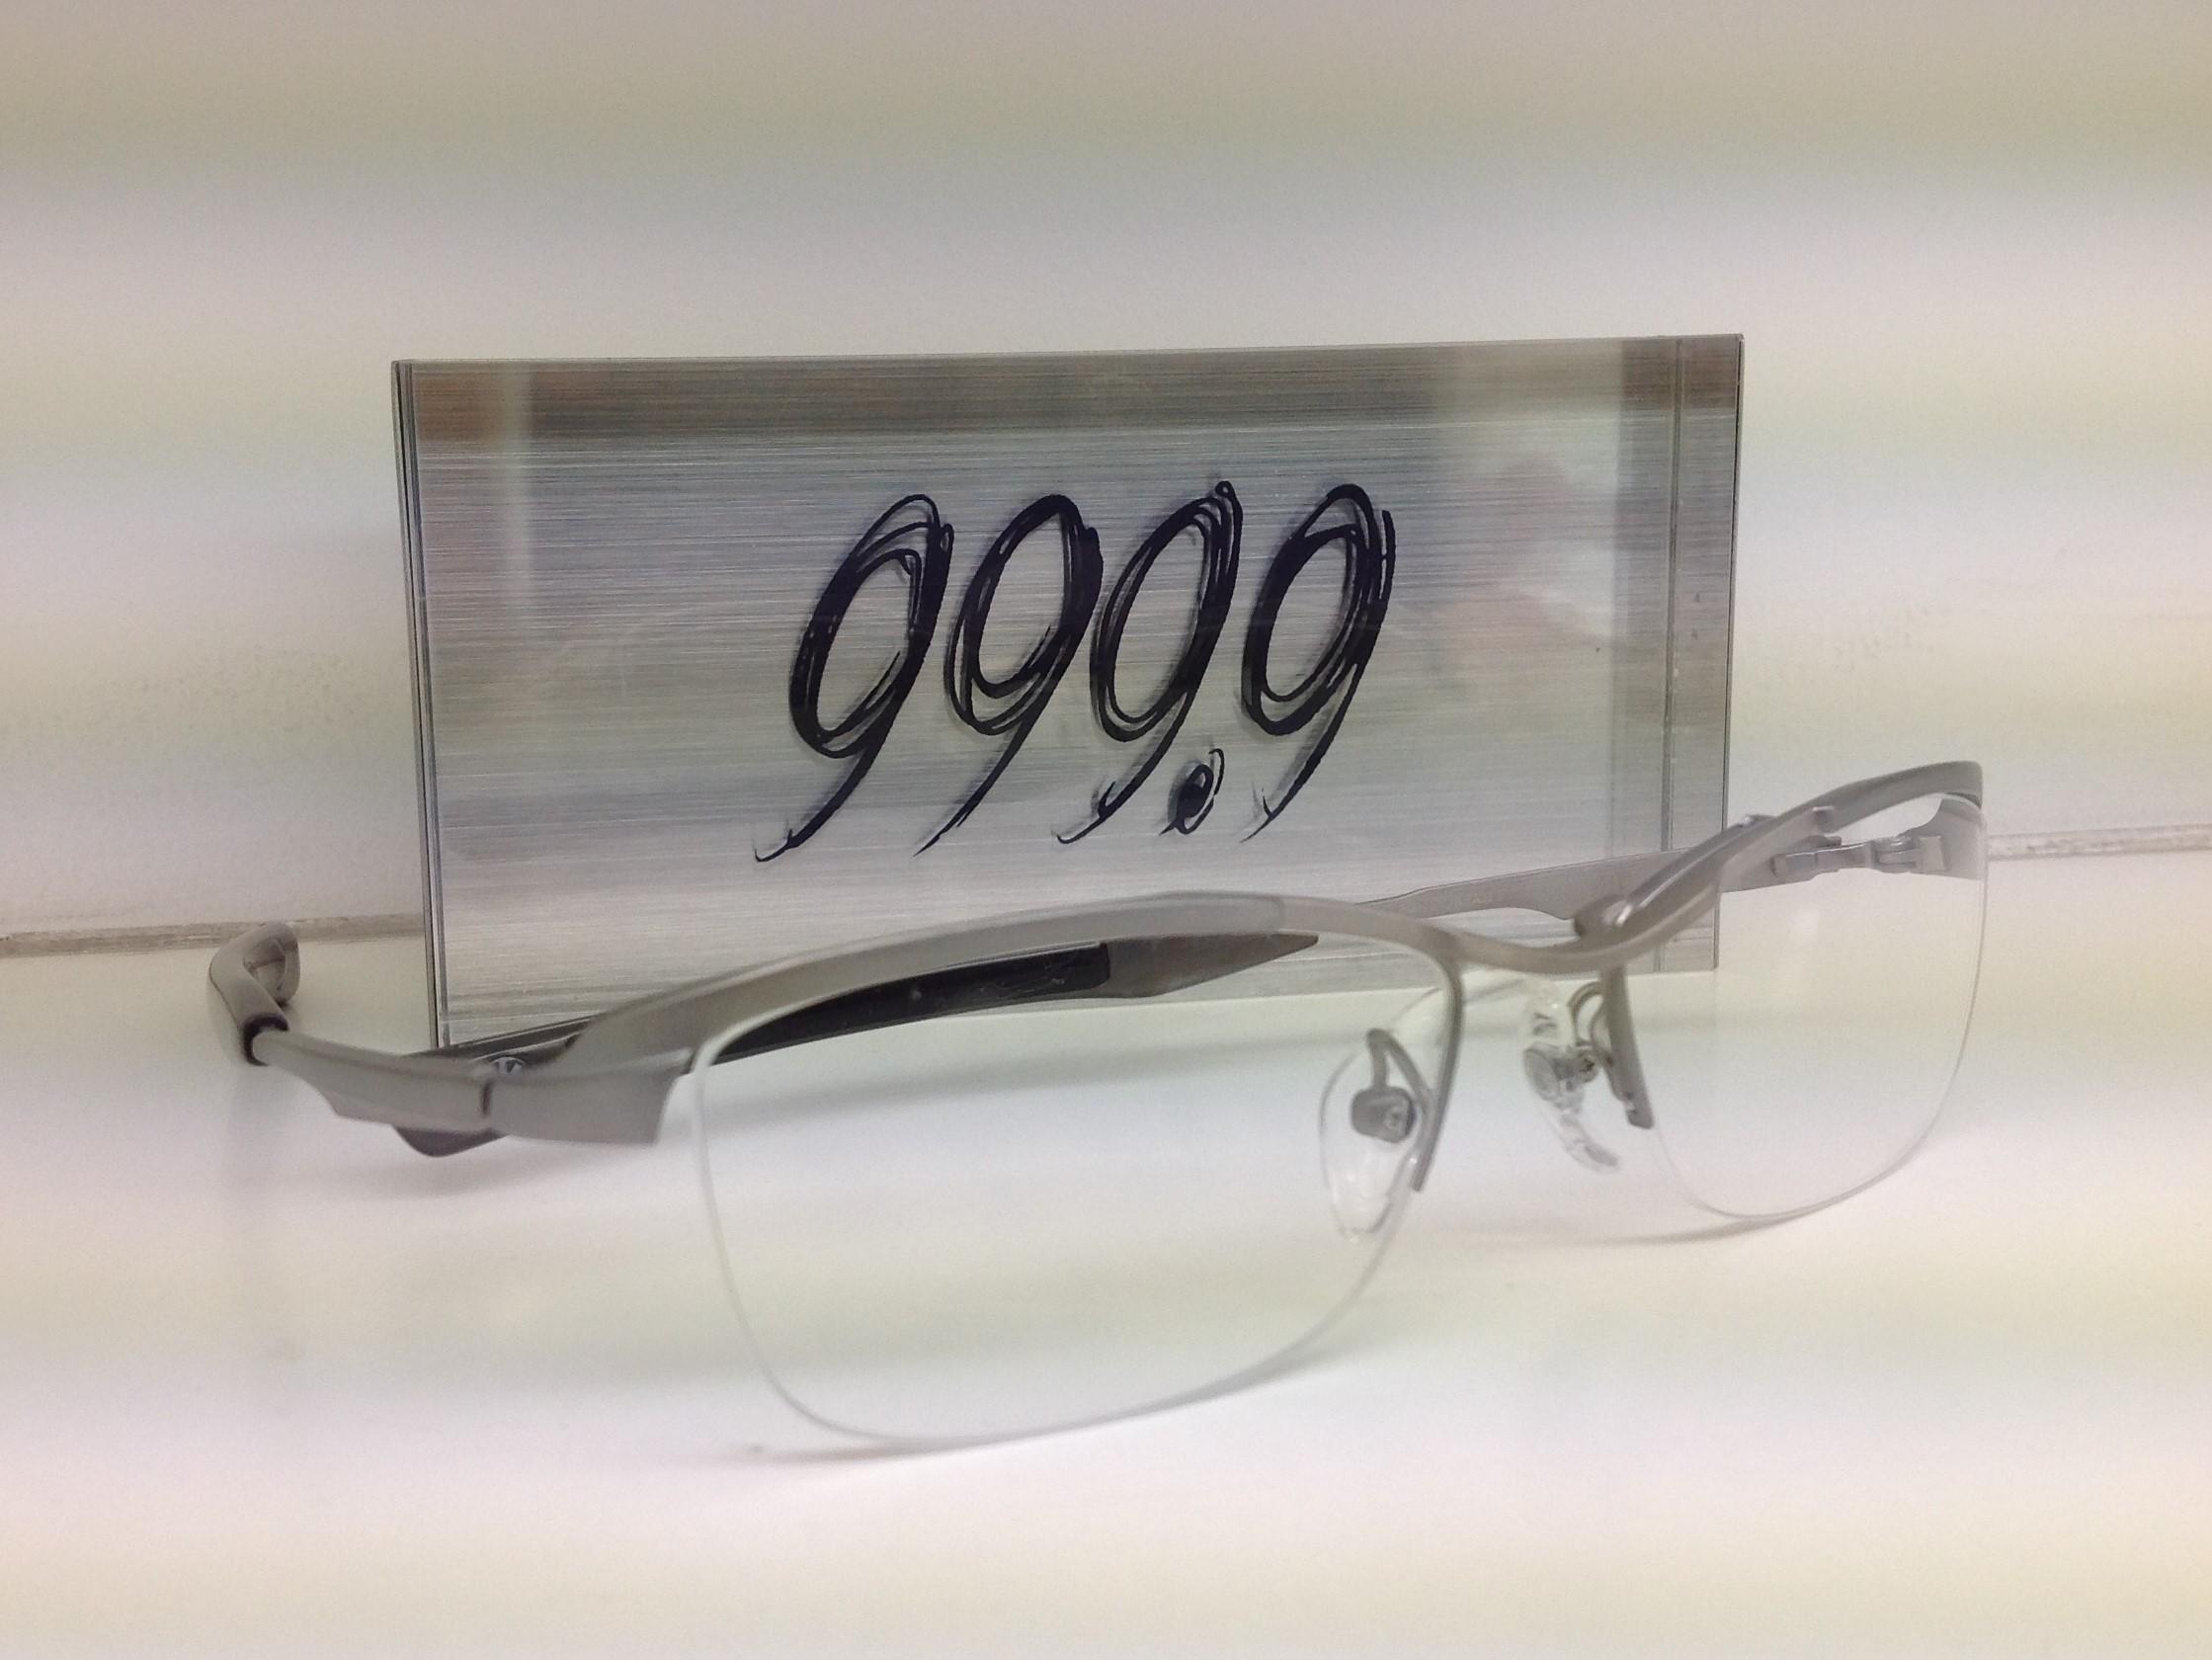 フォーナインズ 9999 メガネ 4チタンシャーリング 東京